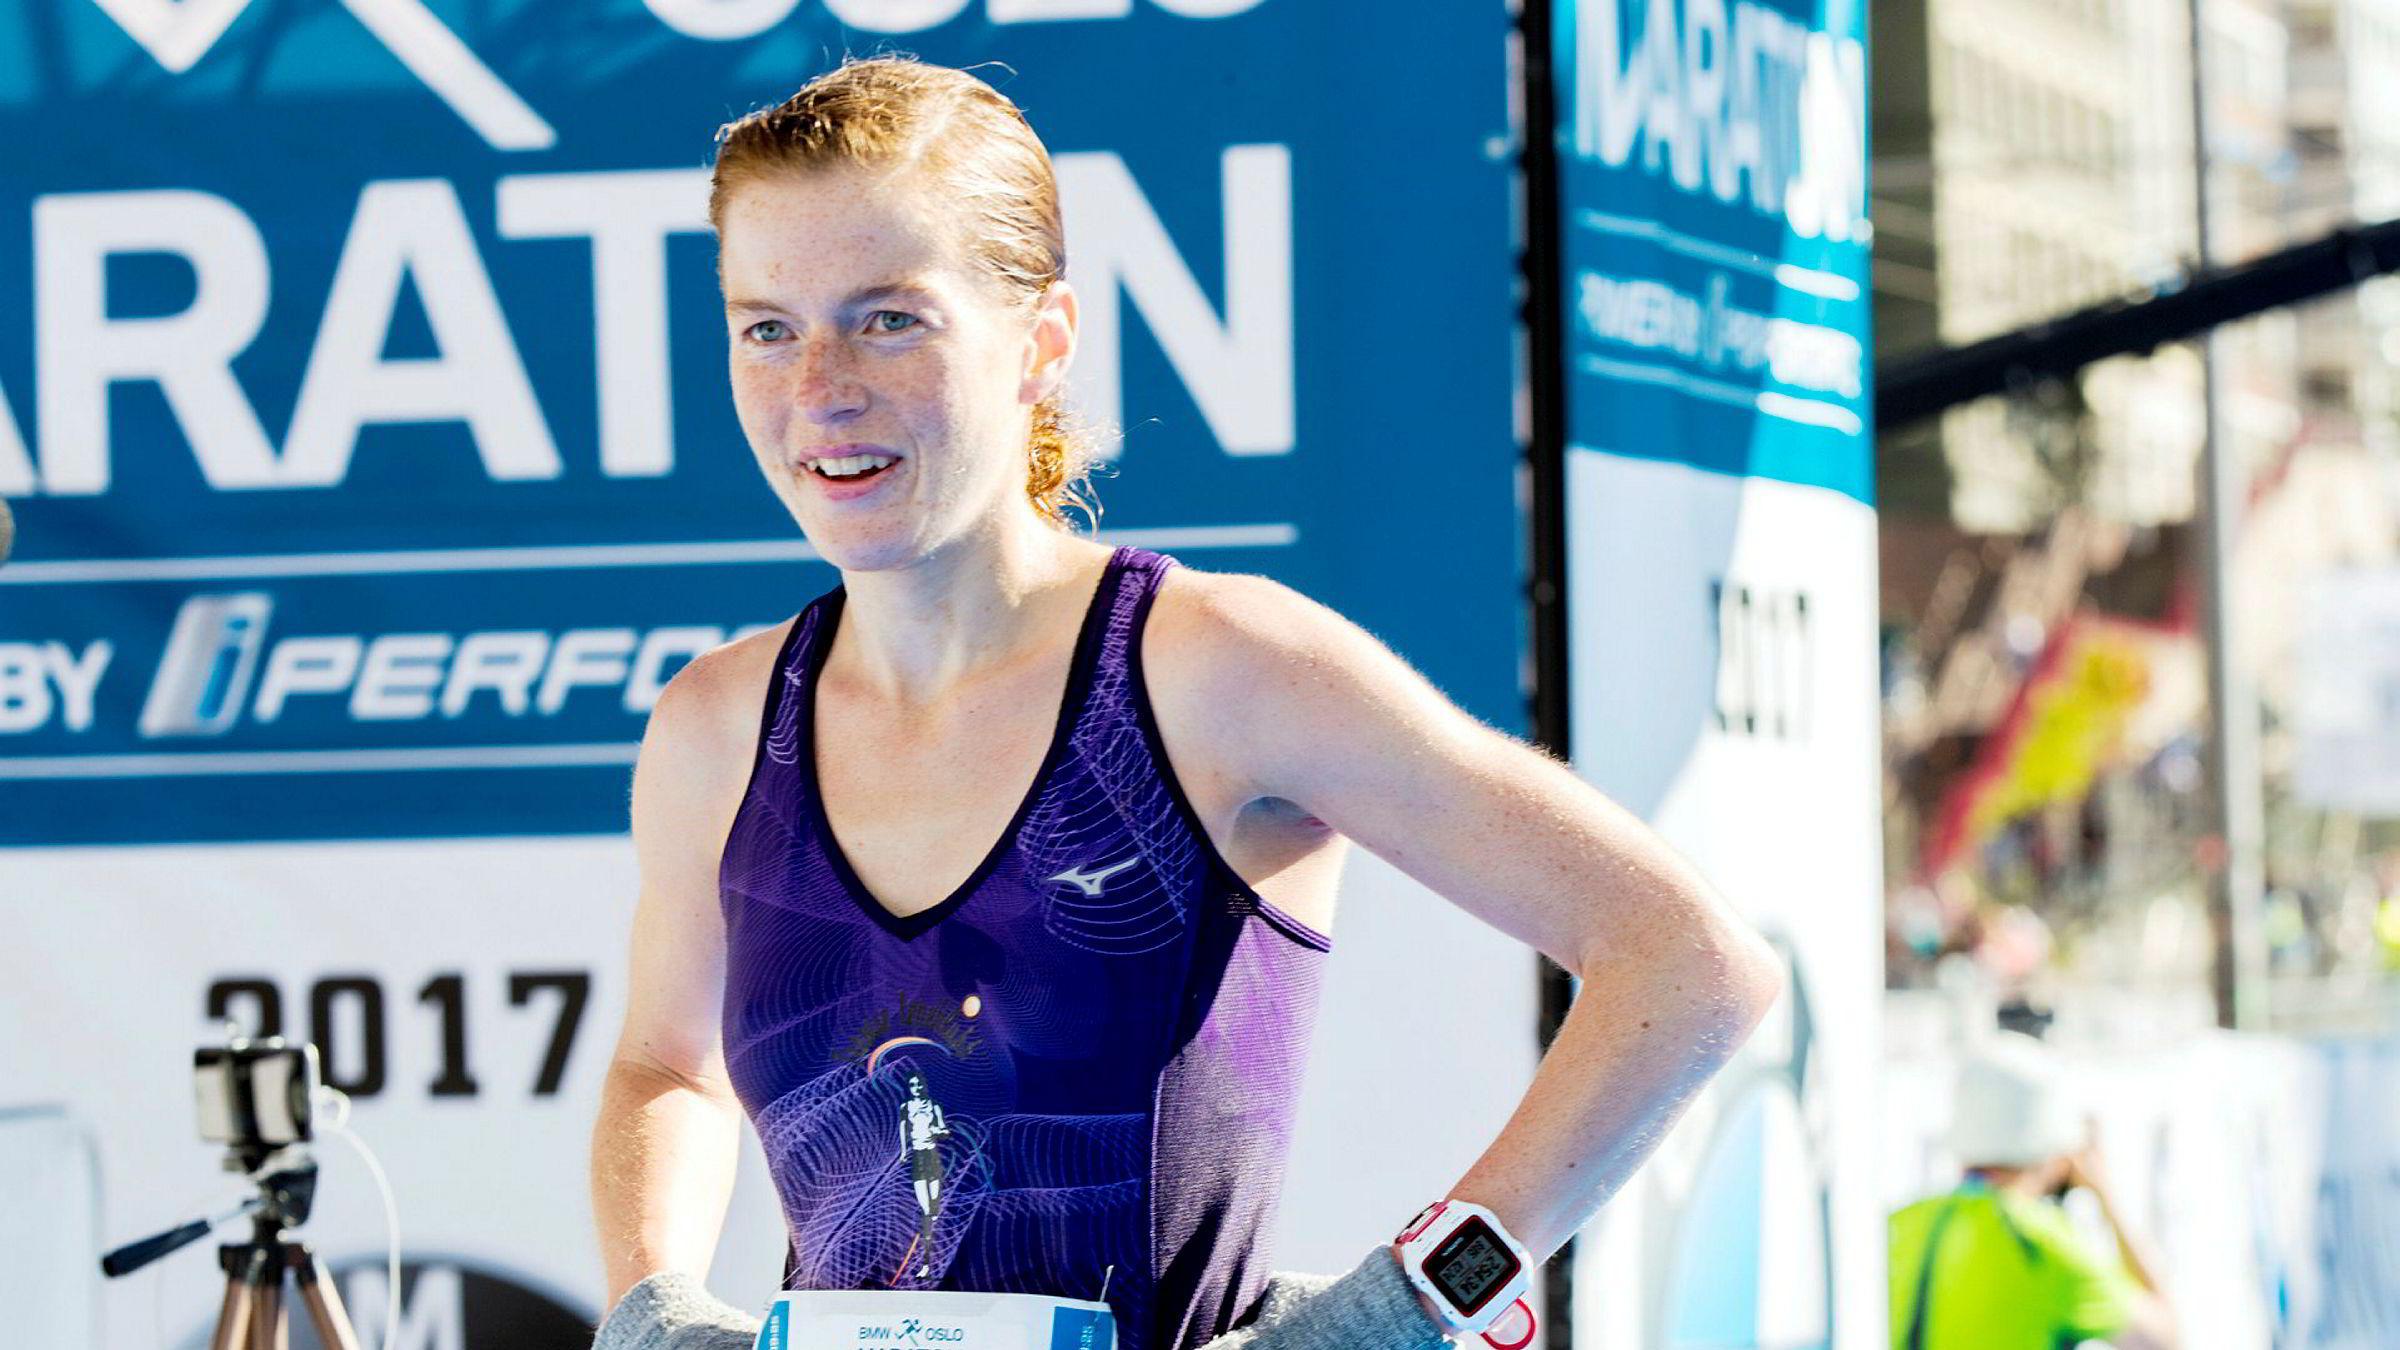 Hilde Aders vant Oslo maraton i 2017. – Jeg tar bilde av pulsklokken hvis det har gått skikkelig bra, sier hun.